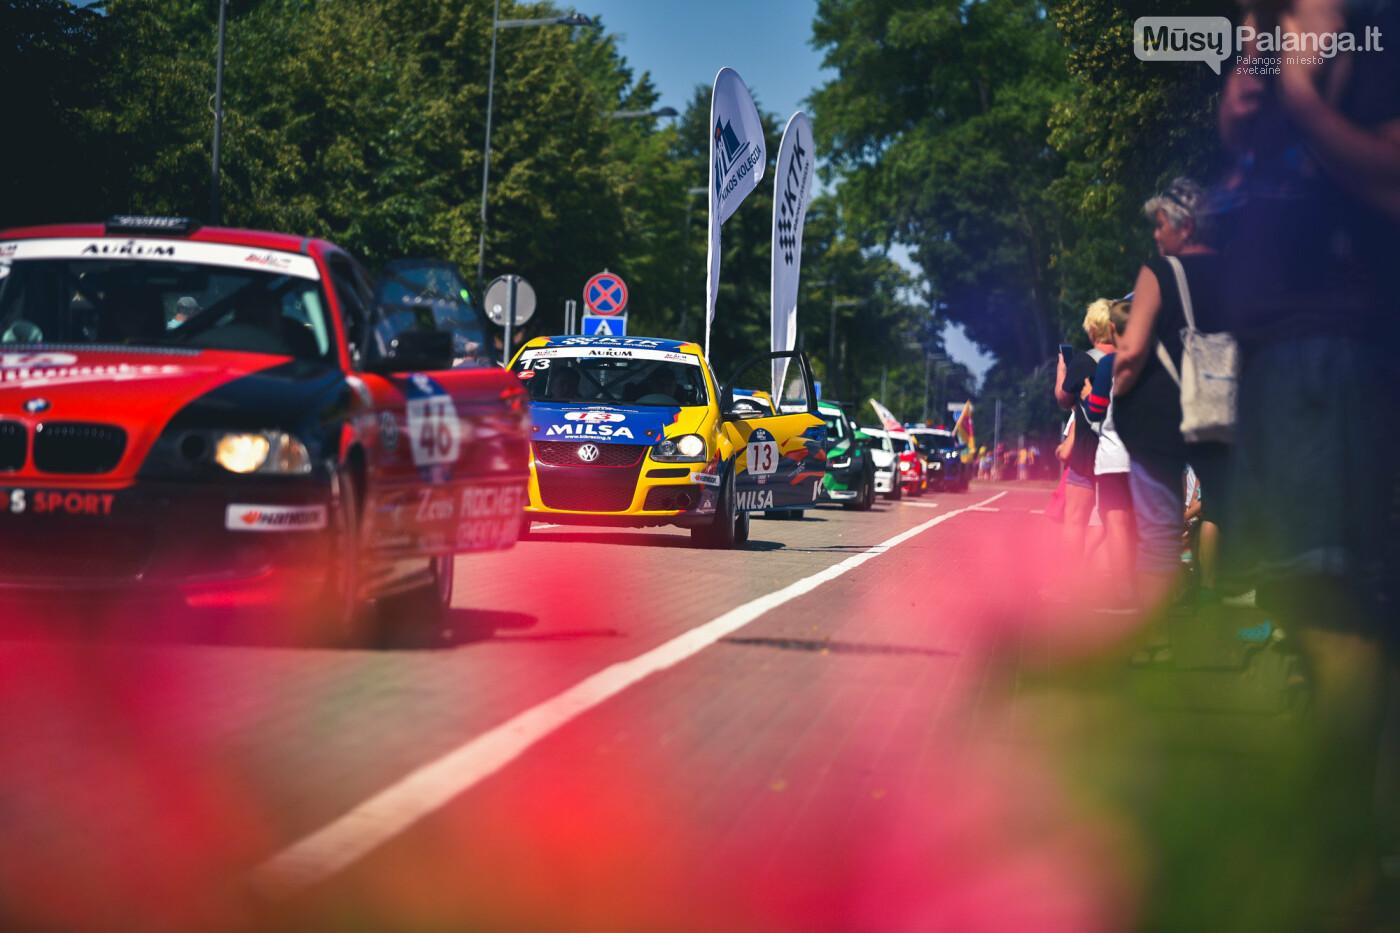 """Palanga alsuoja """"Aurum 1006 km lenktynių"""" ritmu, nuotrauka-45, Vytauto PILKAUSKO ir Arno STRUMILOS nuotr."""